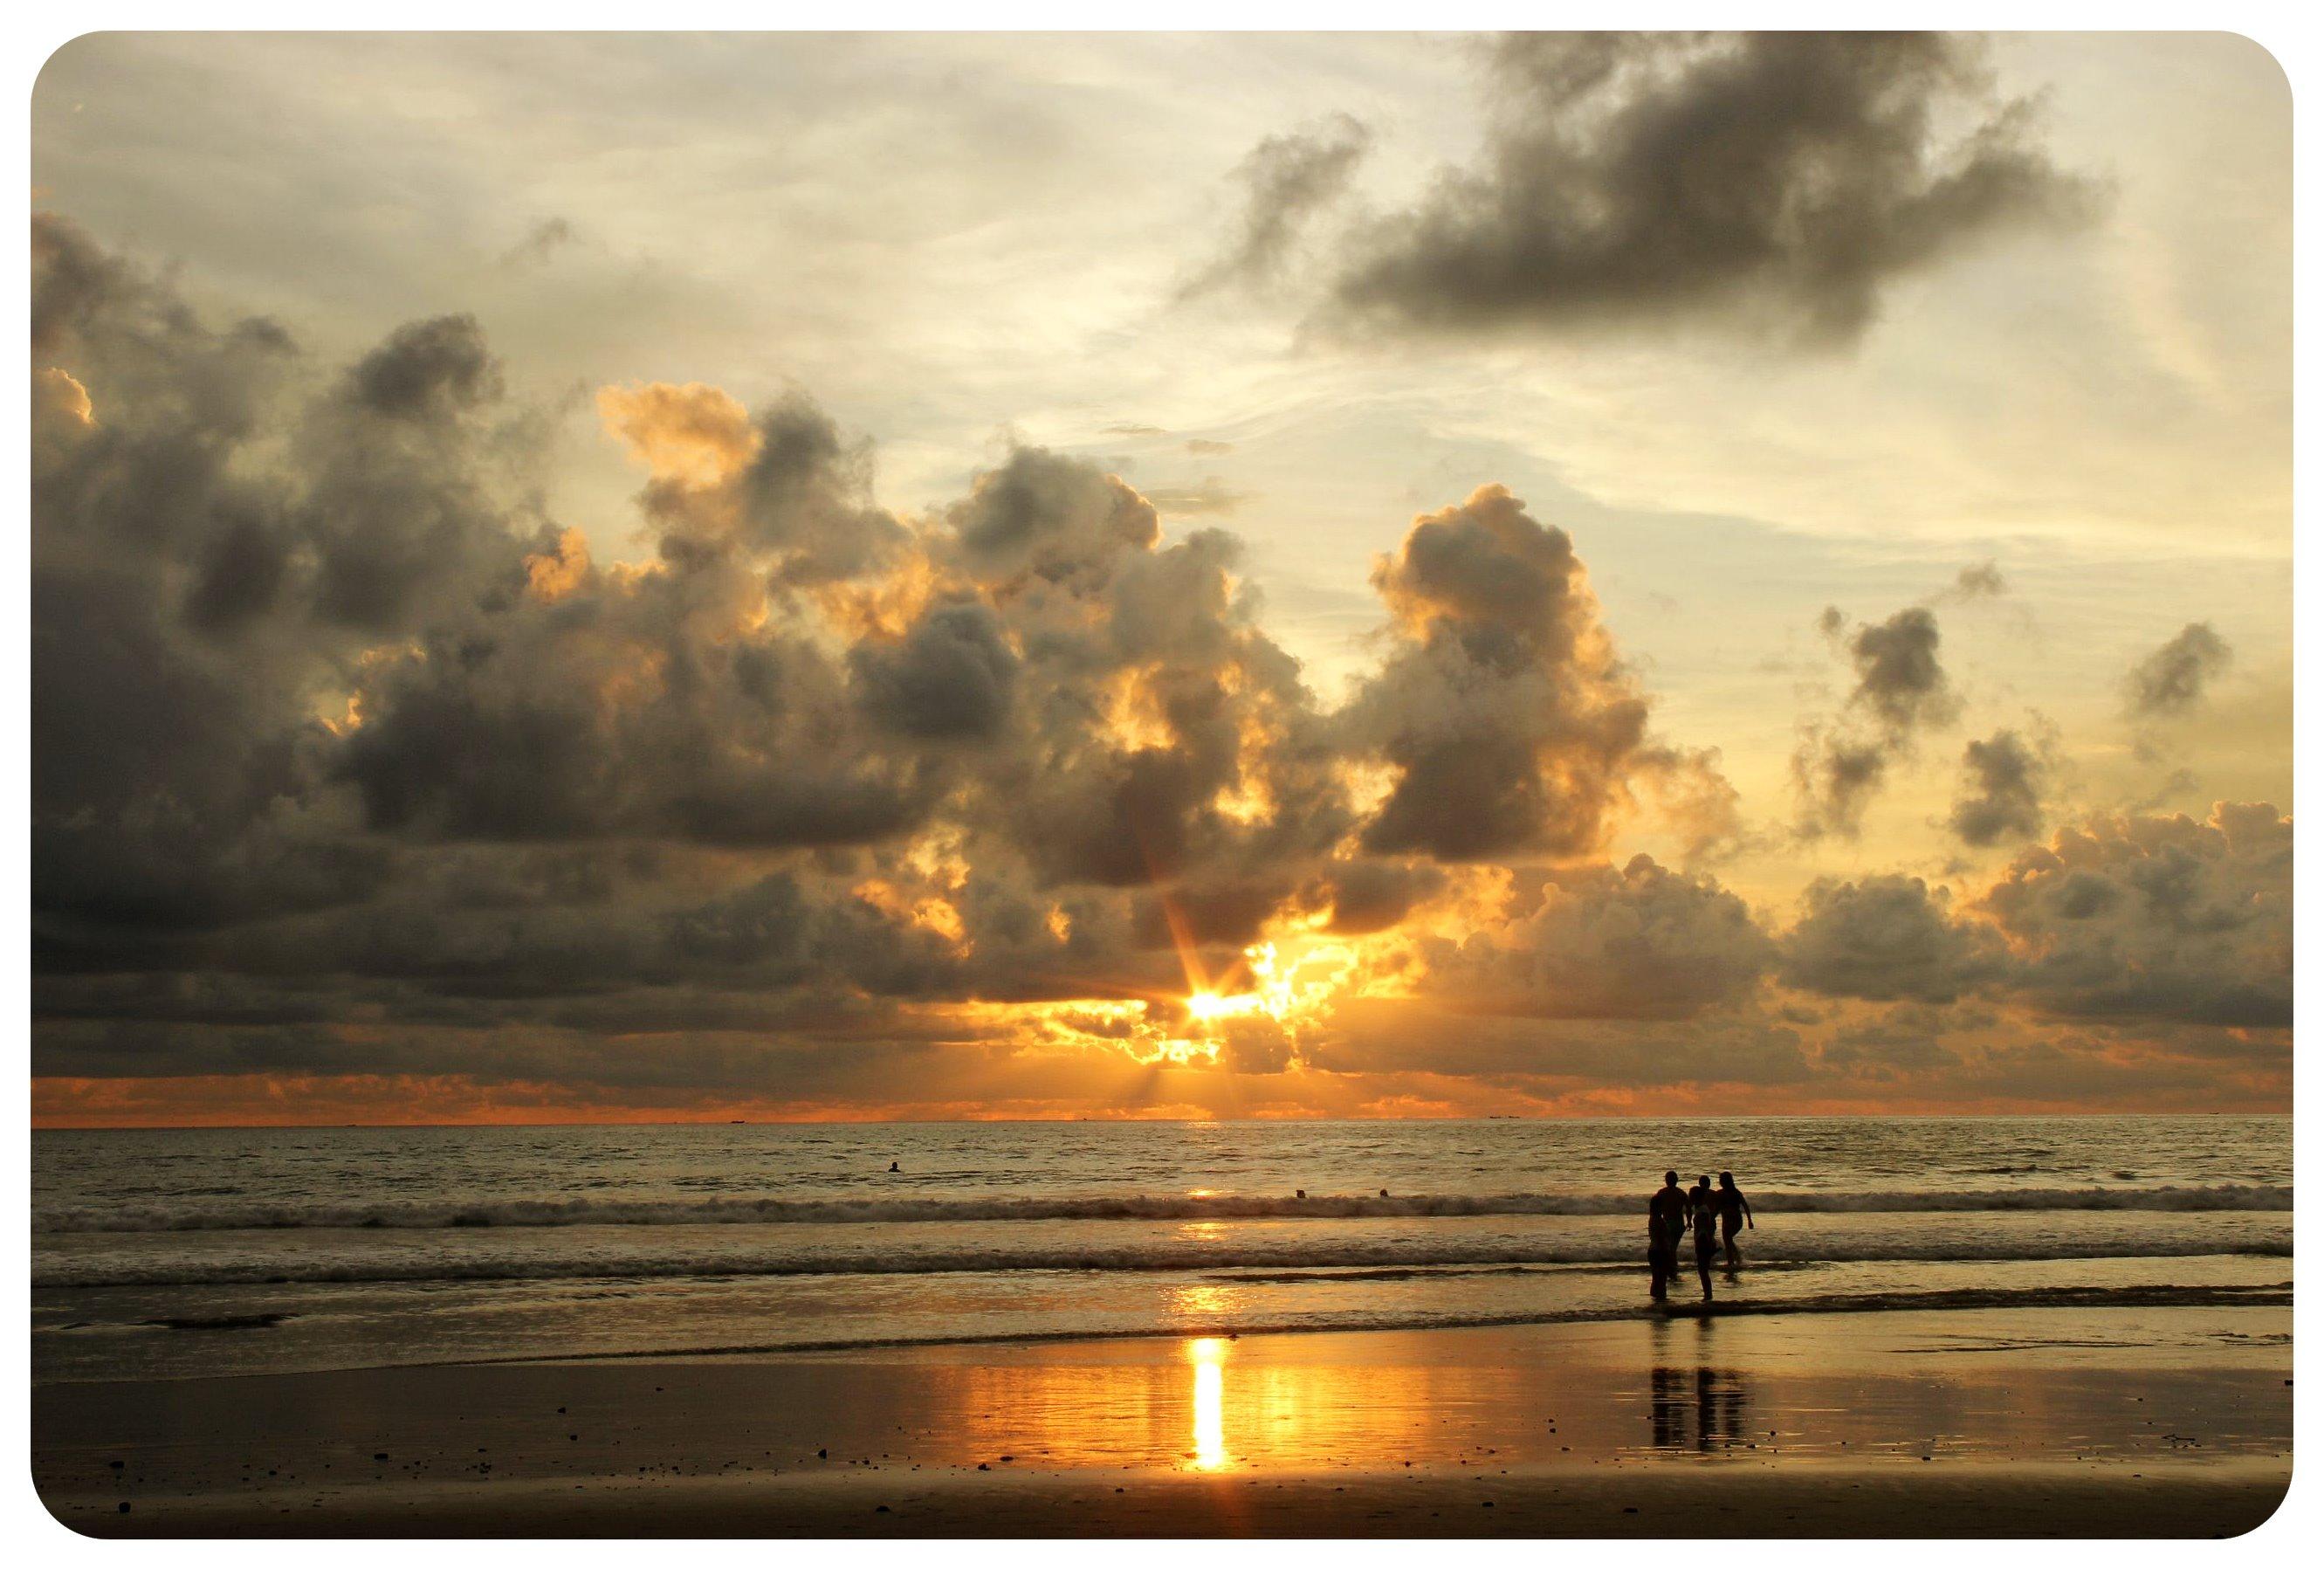 montanita sunset